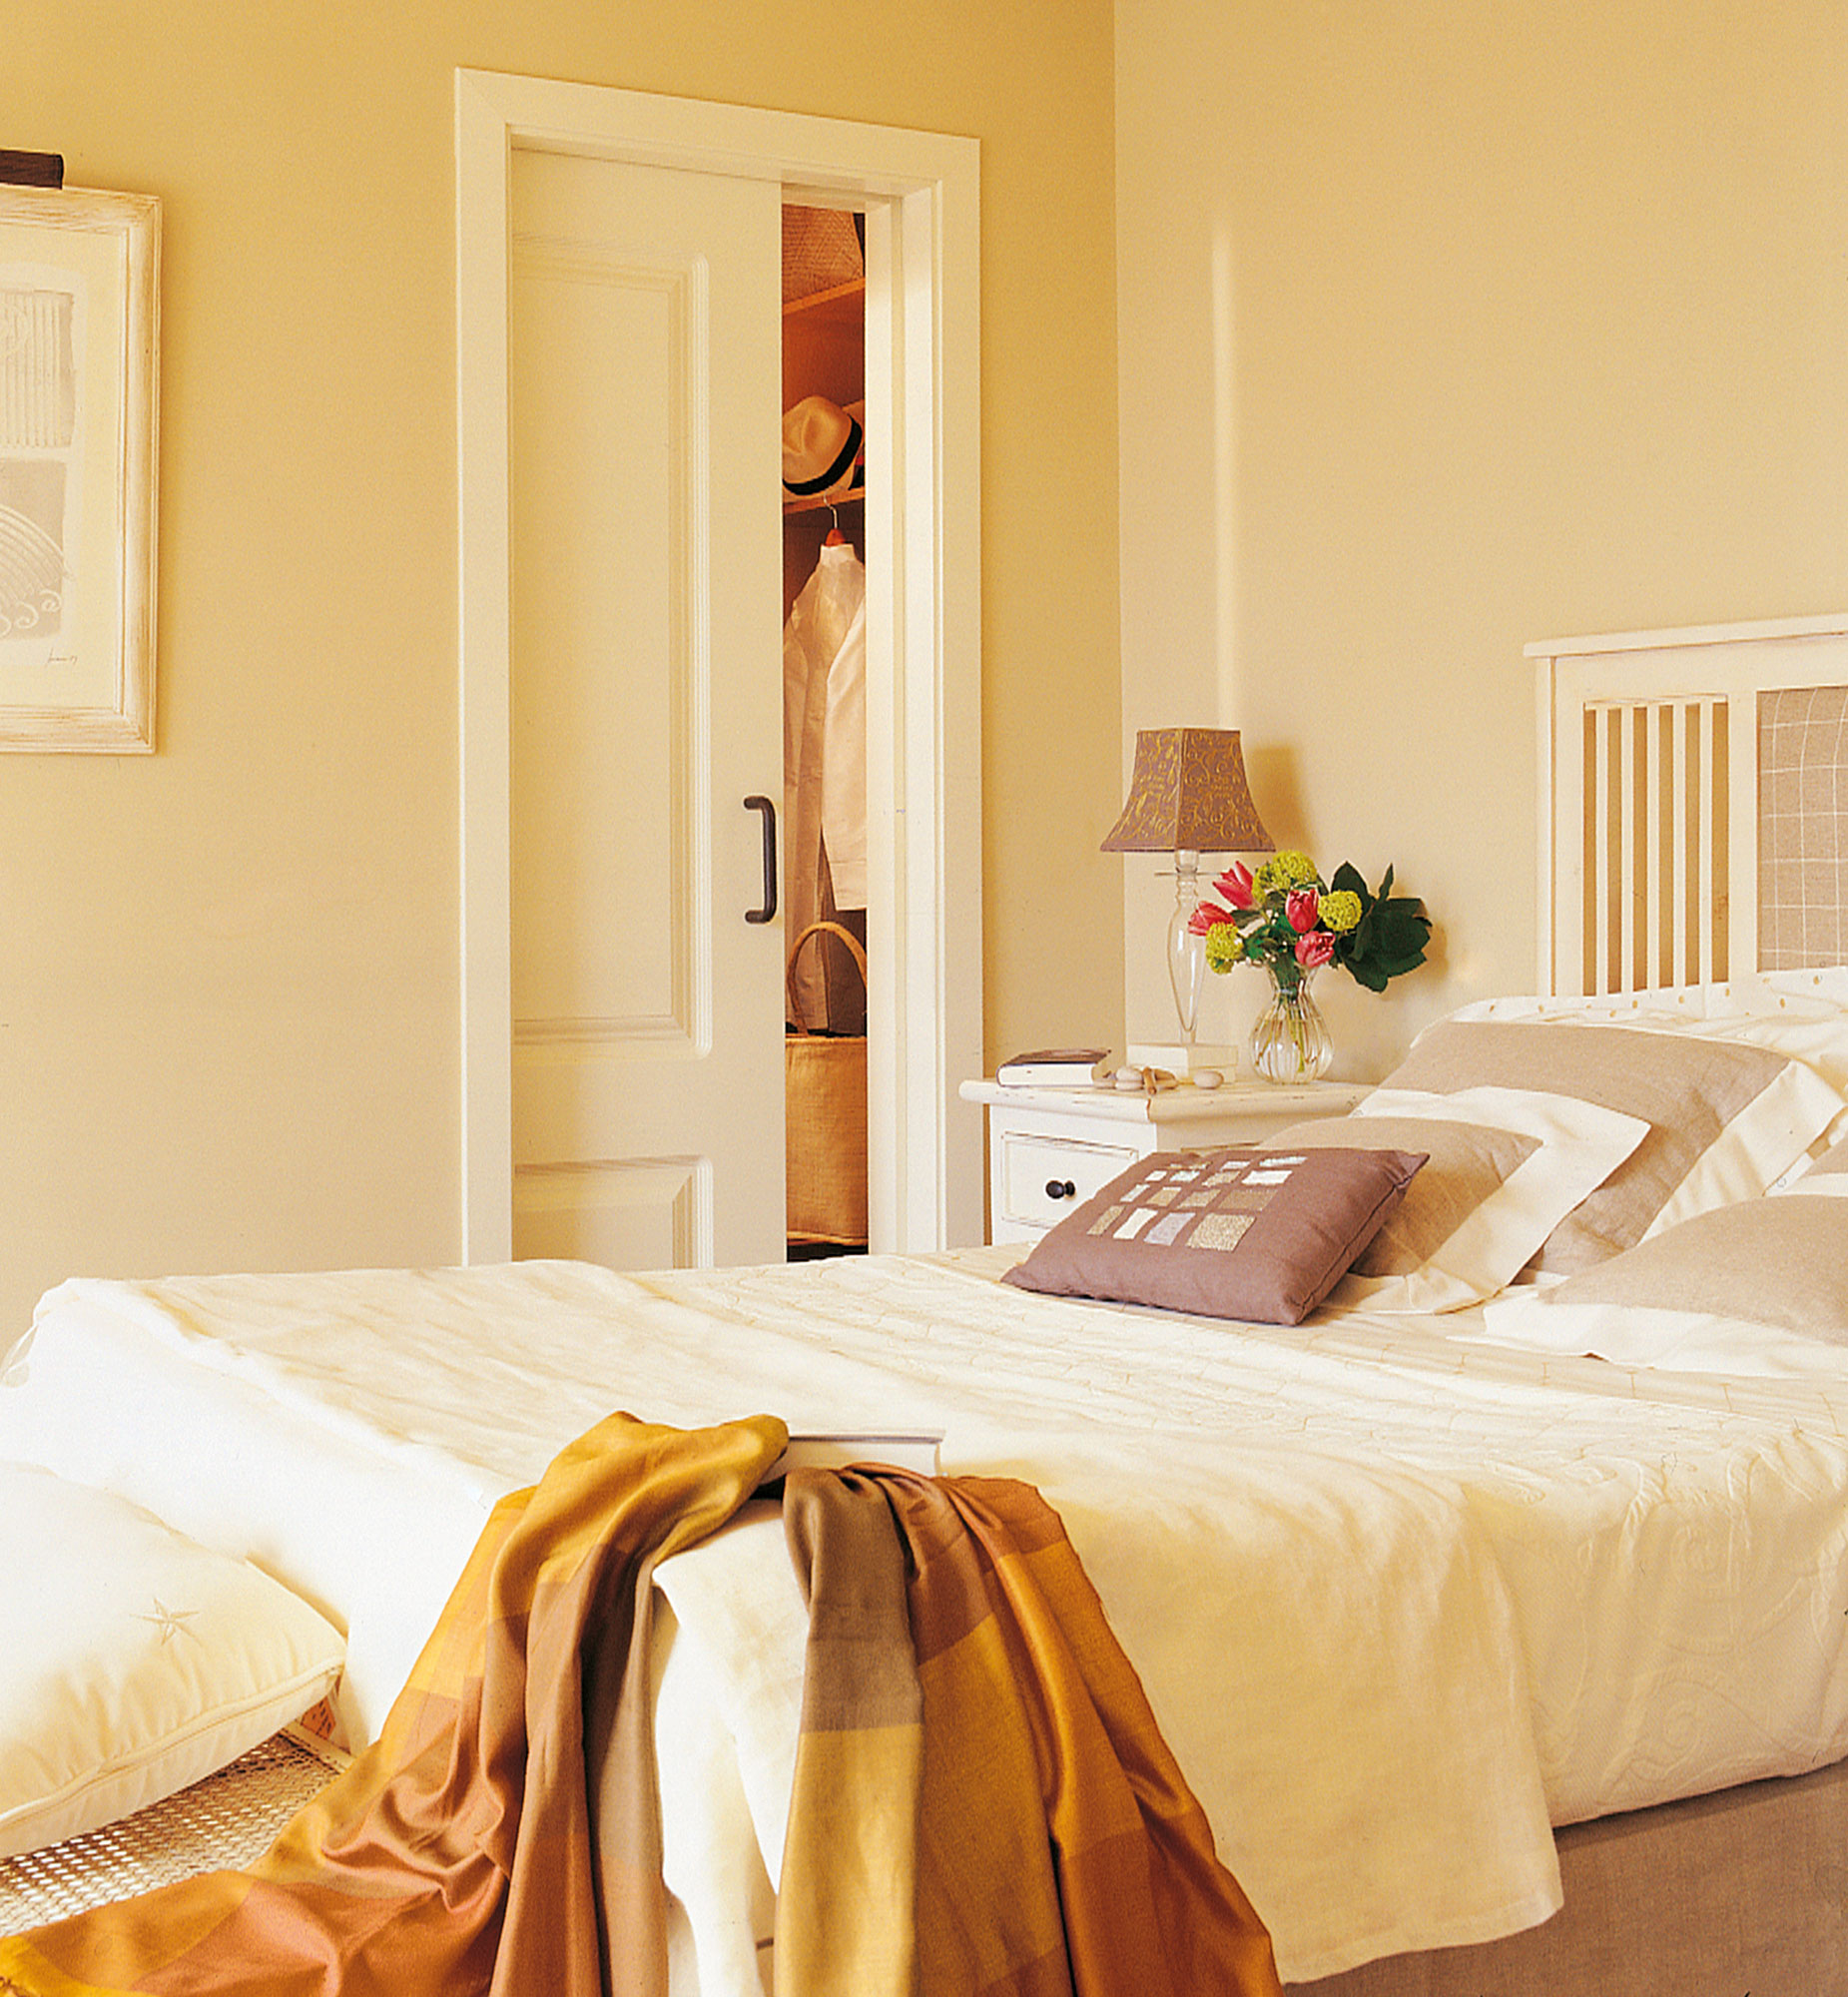 Instala una puerta corredera en casa y gana 1 5 m2 reales for Cortinas para puertas de armarios